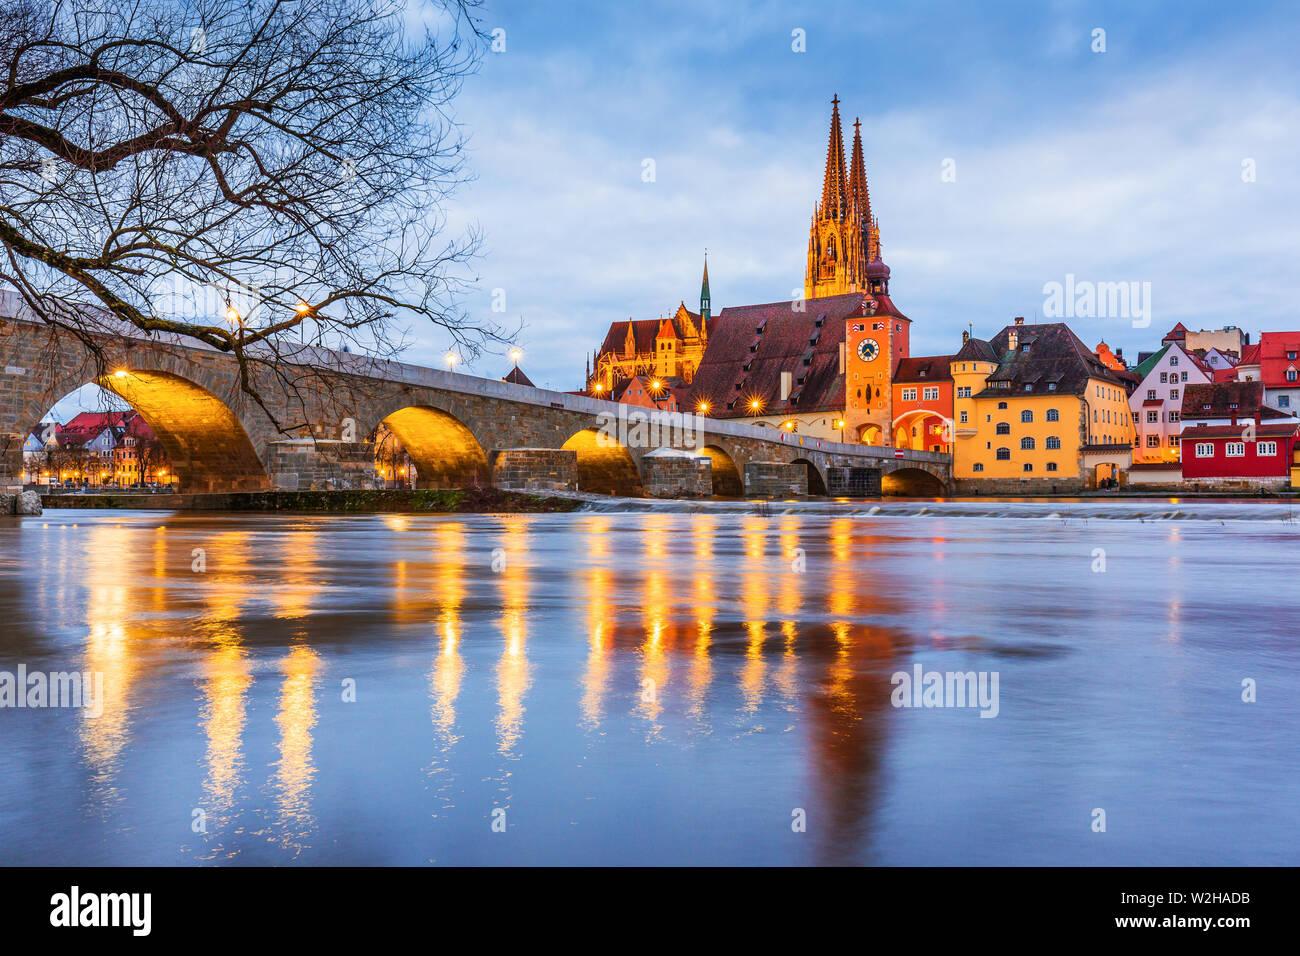 Regensburg, Allemagne. Vue du Danube sur la cathédrale de Regensburg et pont de pierre. Banque D'Images